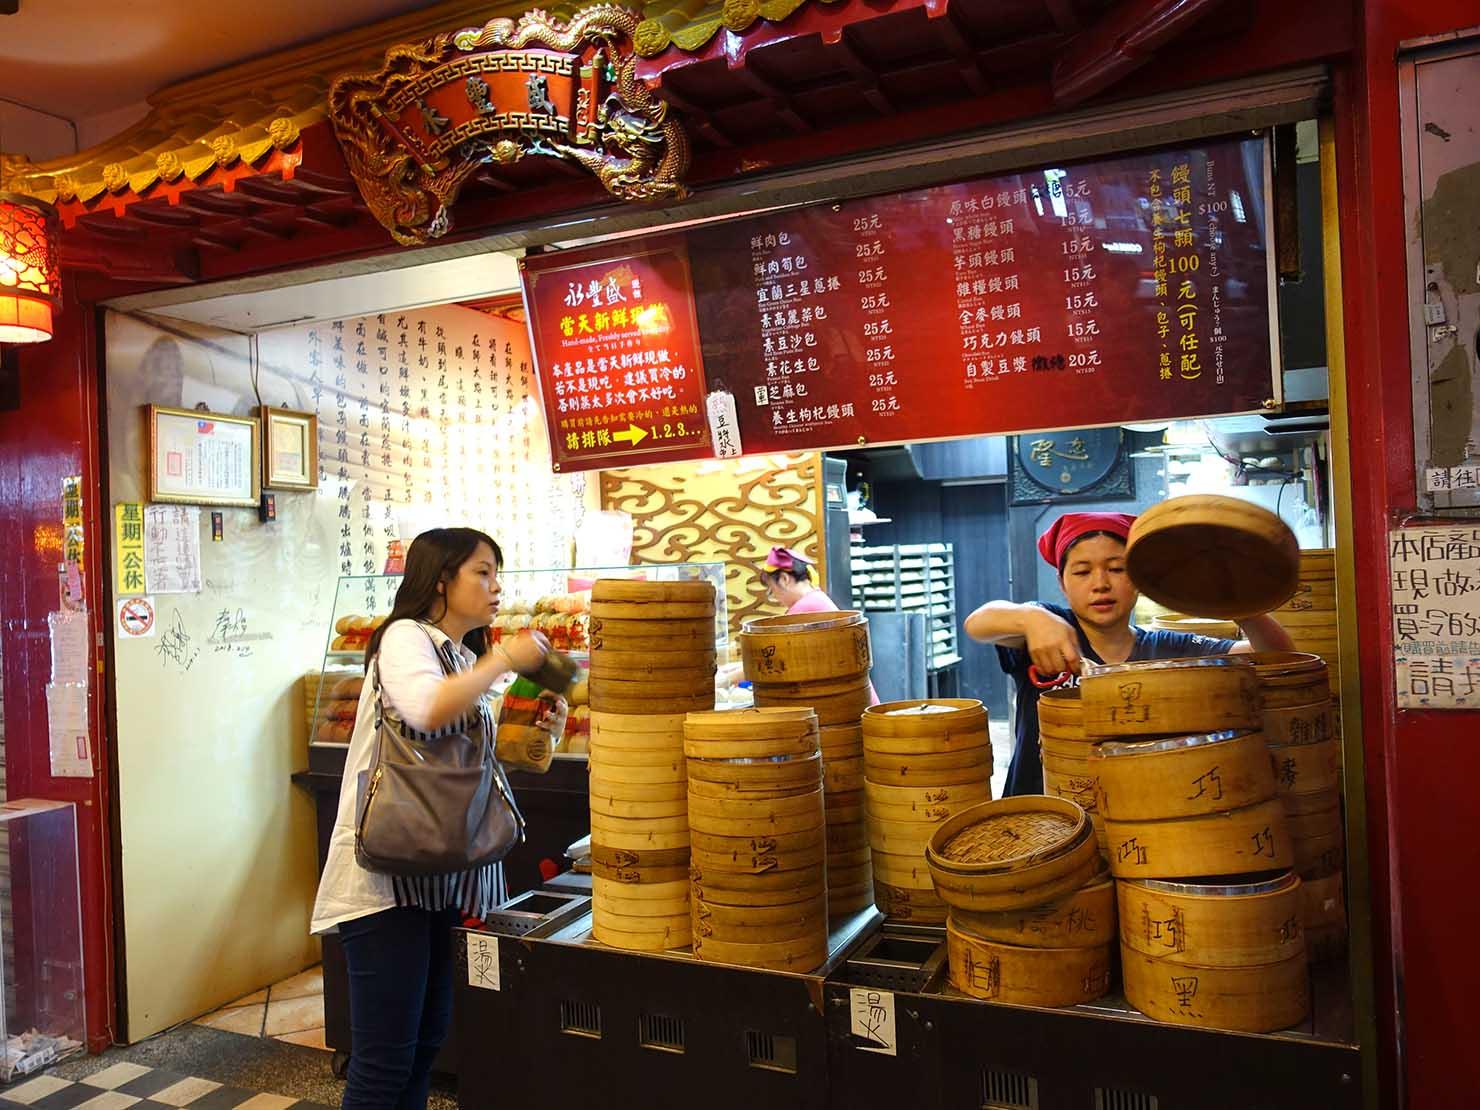 台北・師大夜市のおすすめ台湾グルメ店「永豐盛 手工包子饅頭專賣店」の蒸籠の山